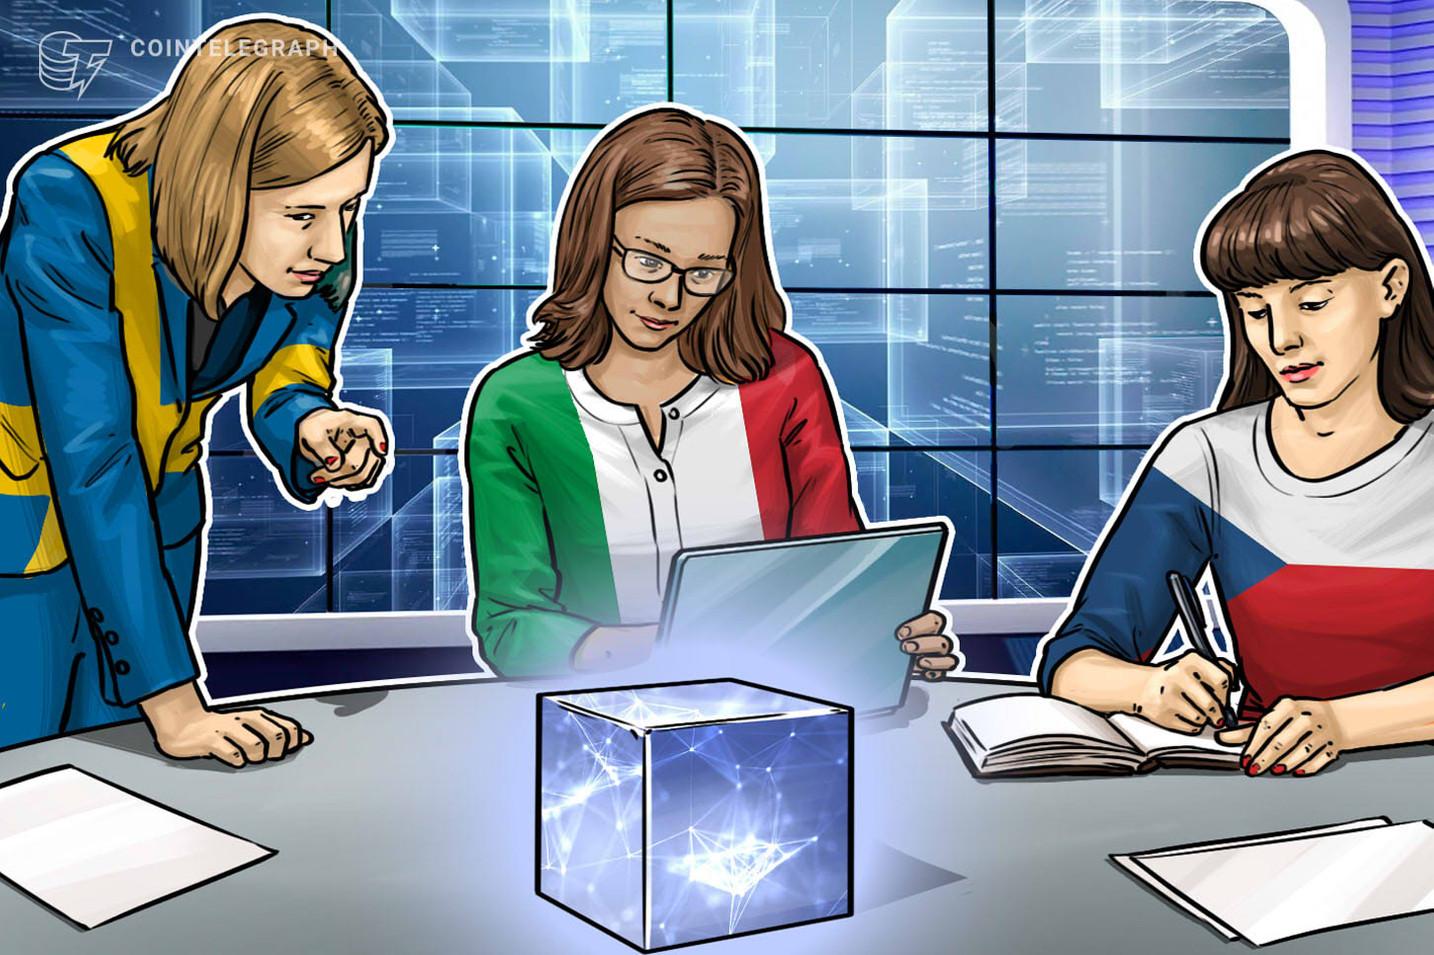 Italia, Suecia y la República Checa liderarán la Asociación Europea de Blockchain